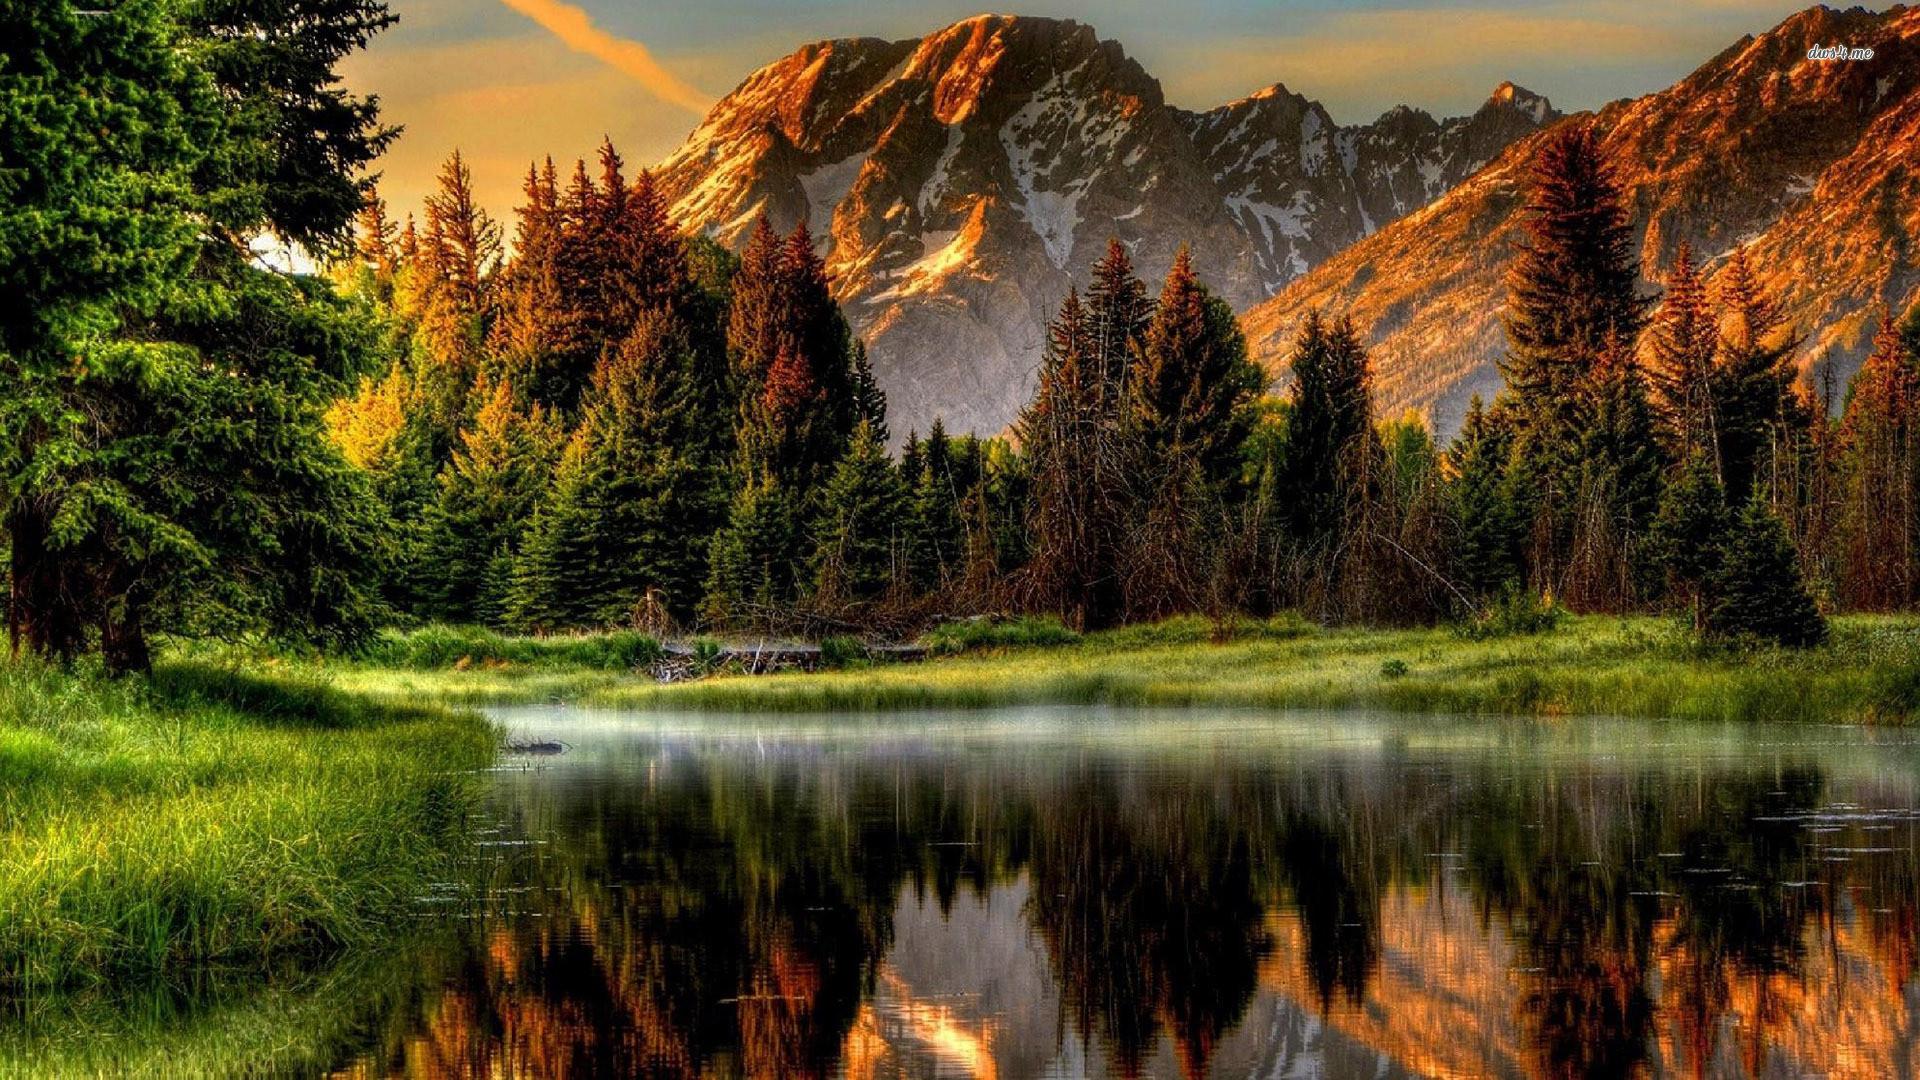 Nexus Desktop Wallpaper Nature (60+ images)